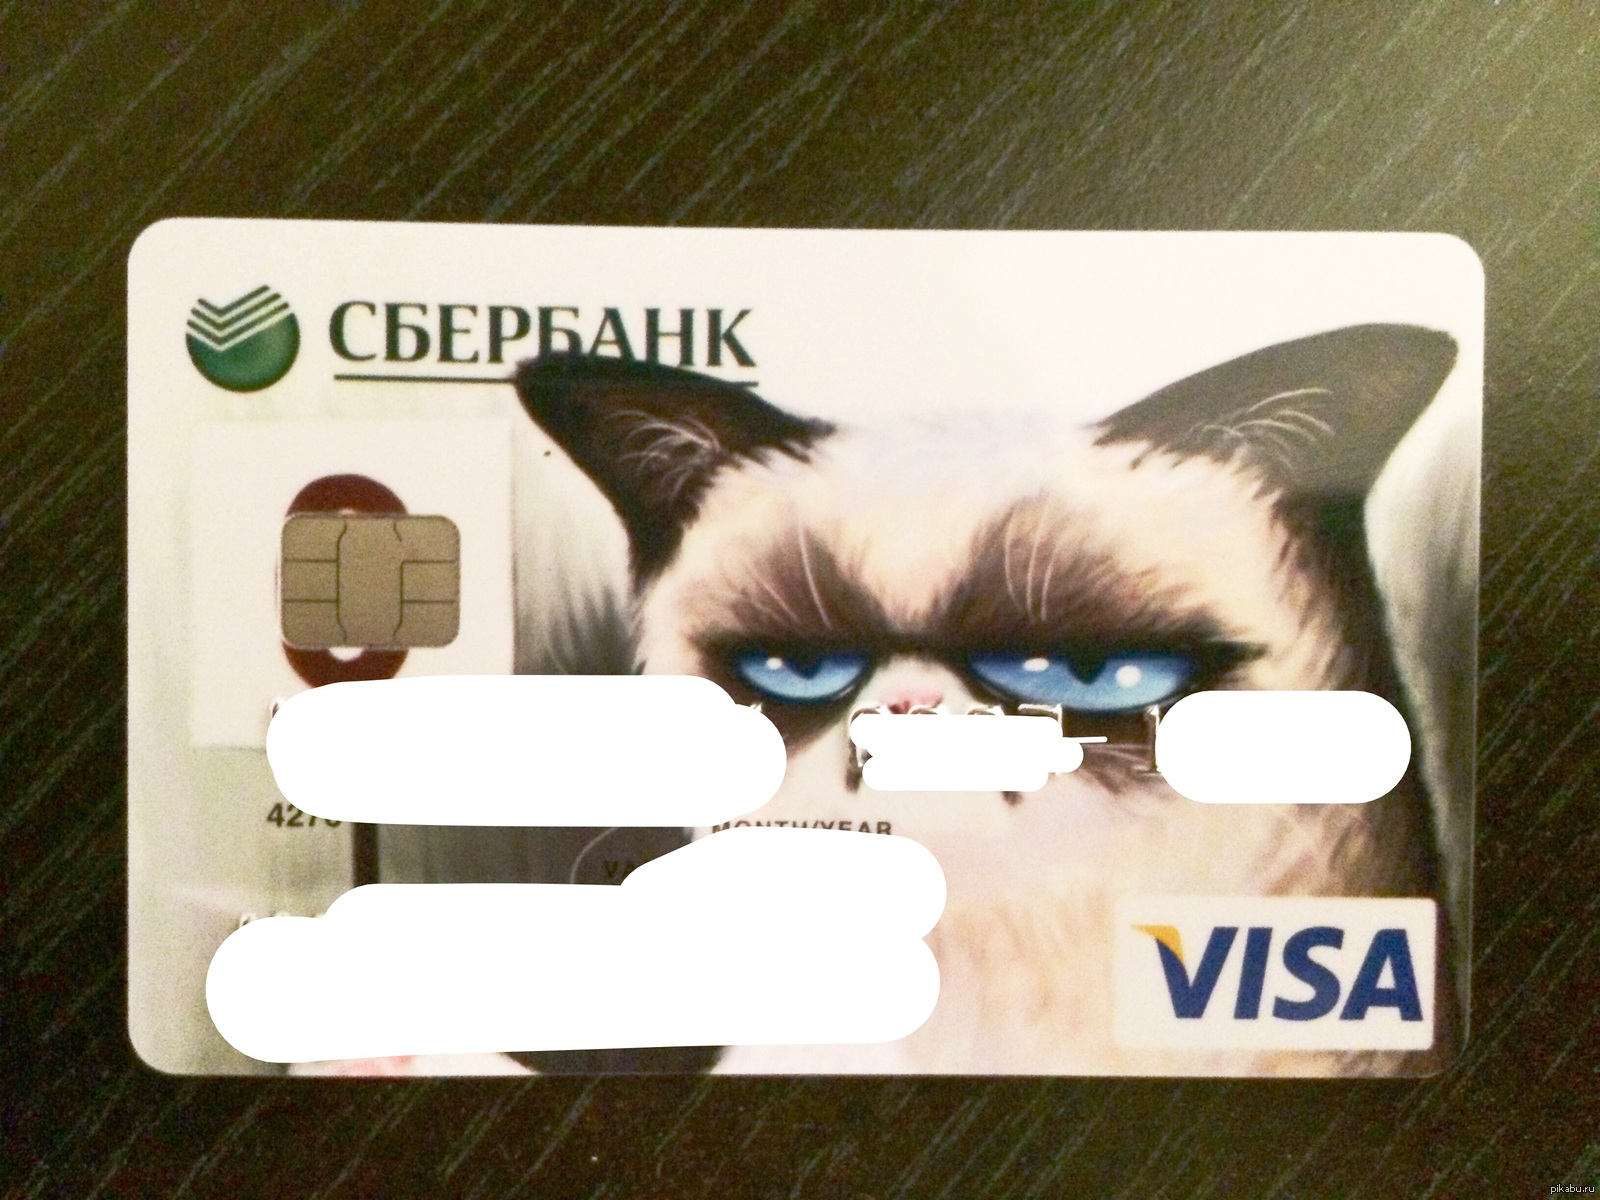 Карточка сбербанка с рисунком